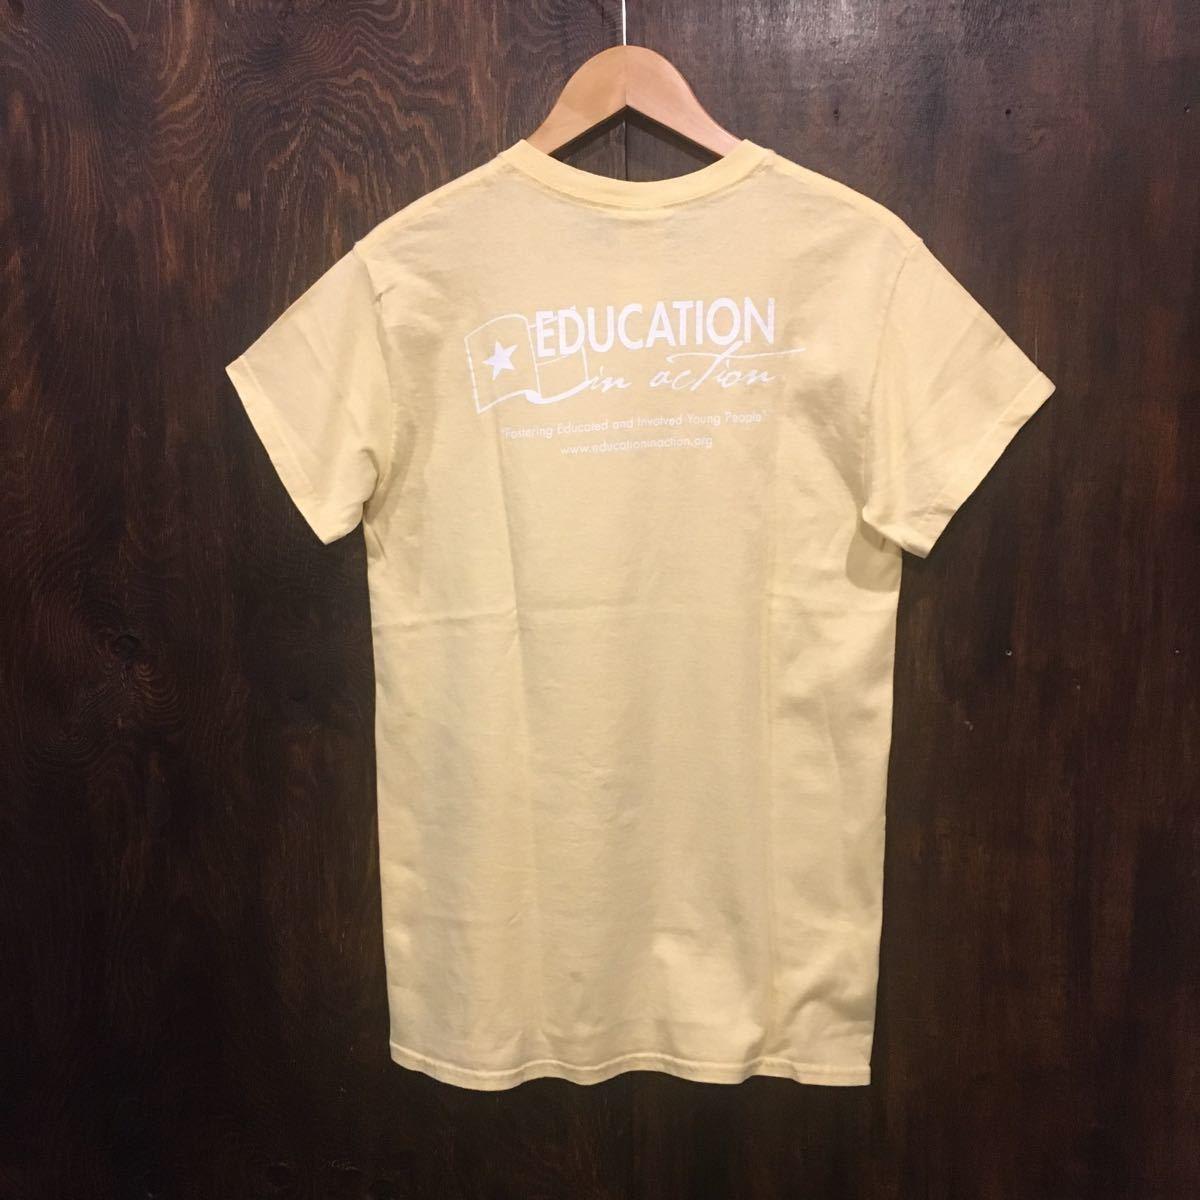 アメリカ古着 US古着 半袖 プリントTシャツ イエロー Sサイズ 黄色